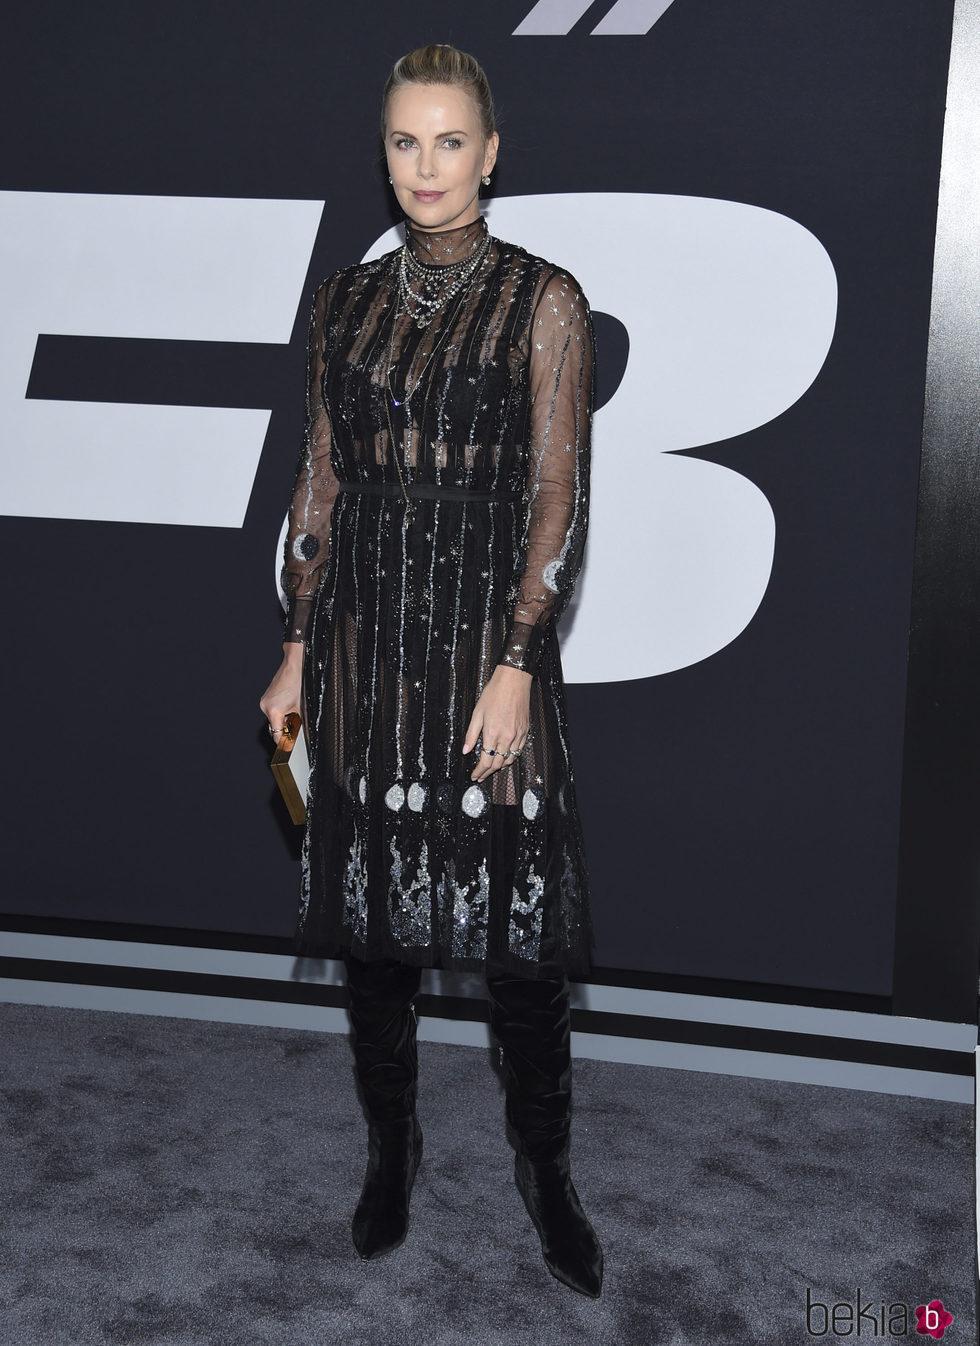 Charlize Theron en la Premiere de 'Fast & Furious 8' en Nueva York